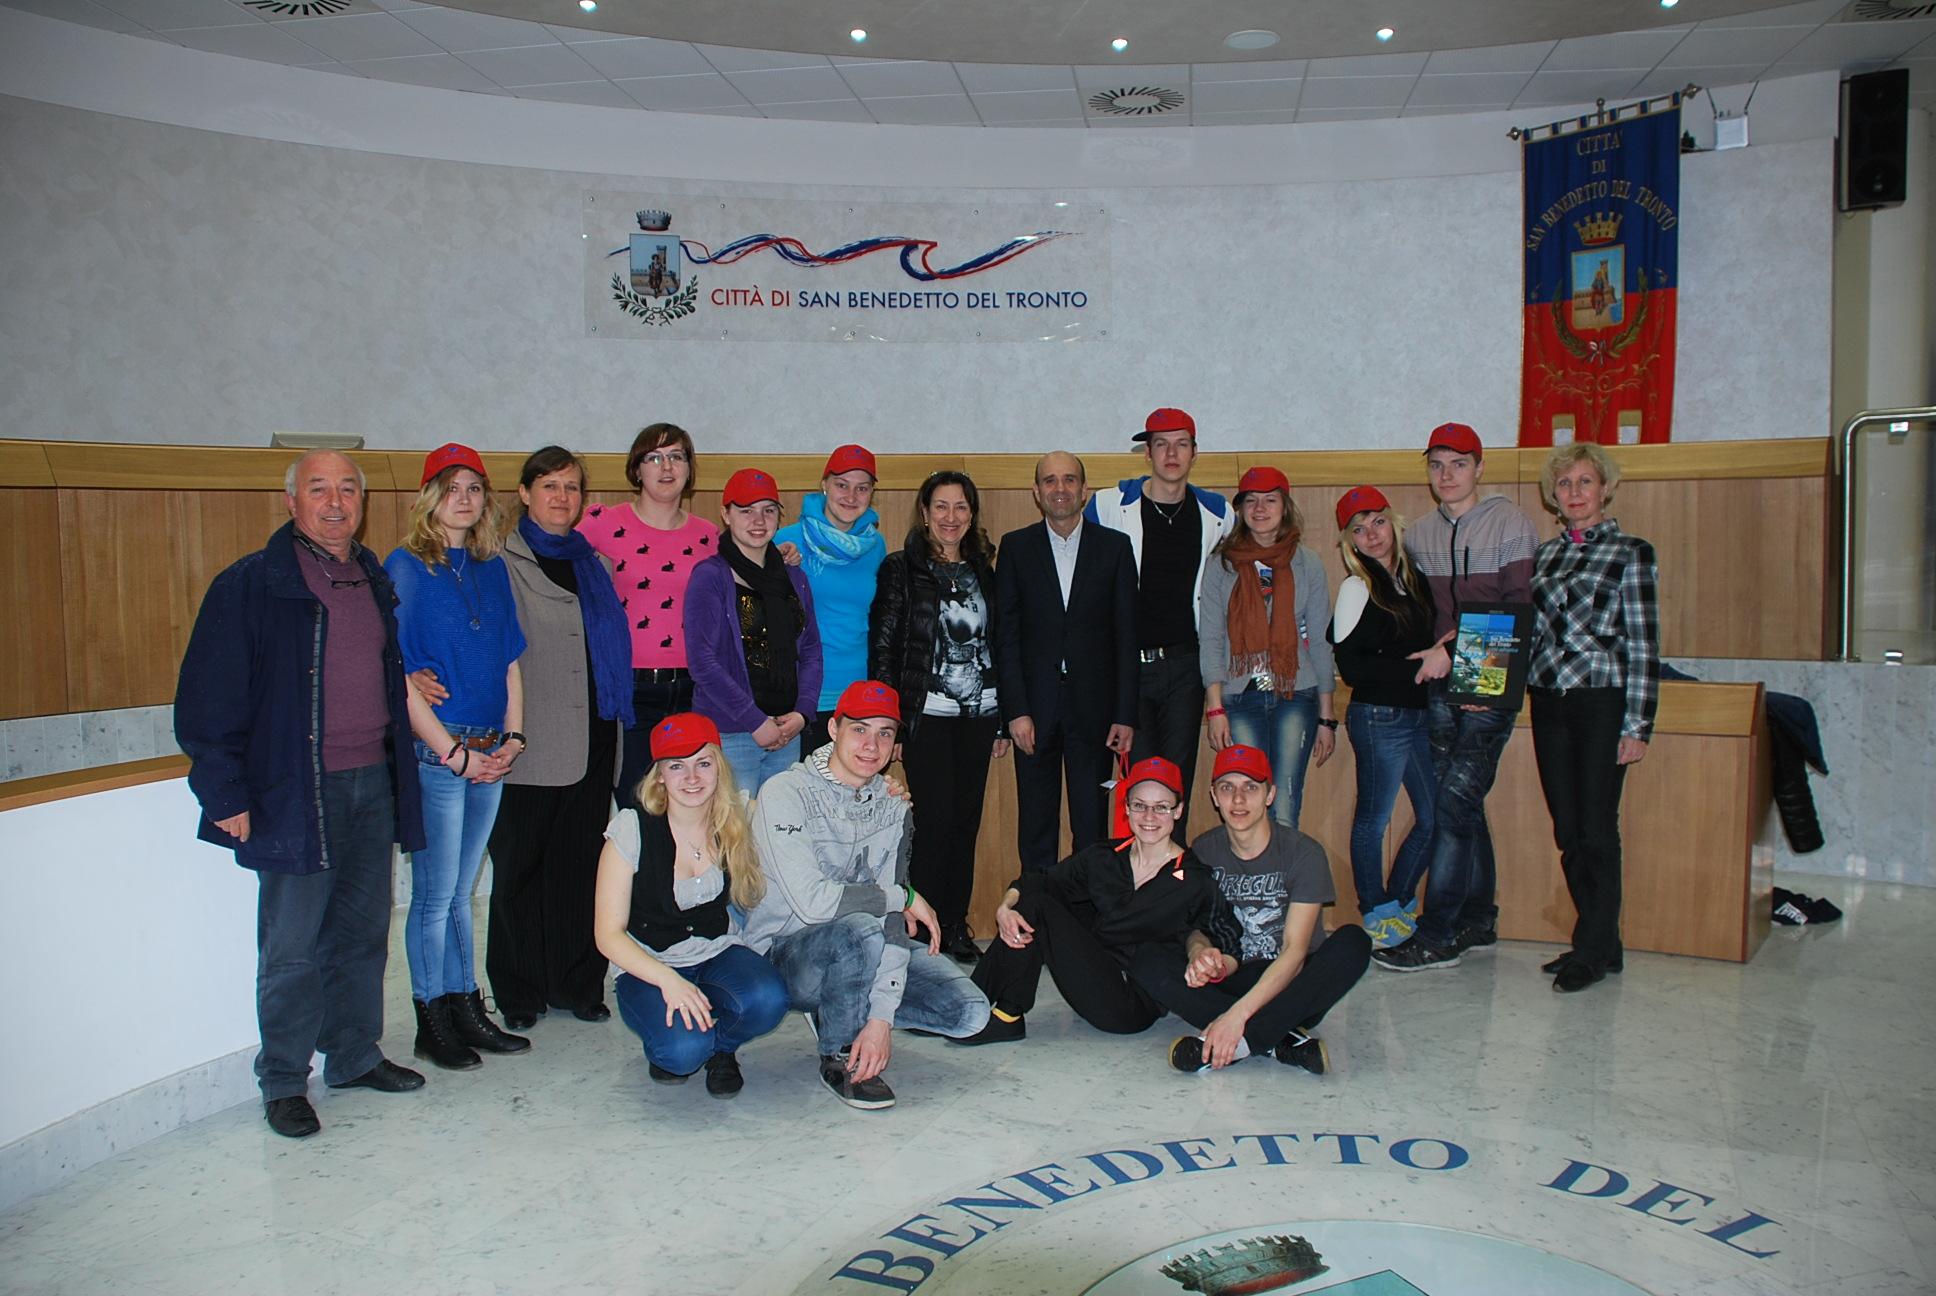 Il gruppo di studenti lituani in sala consiliare